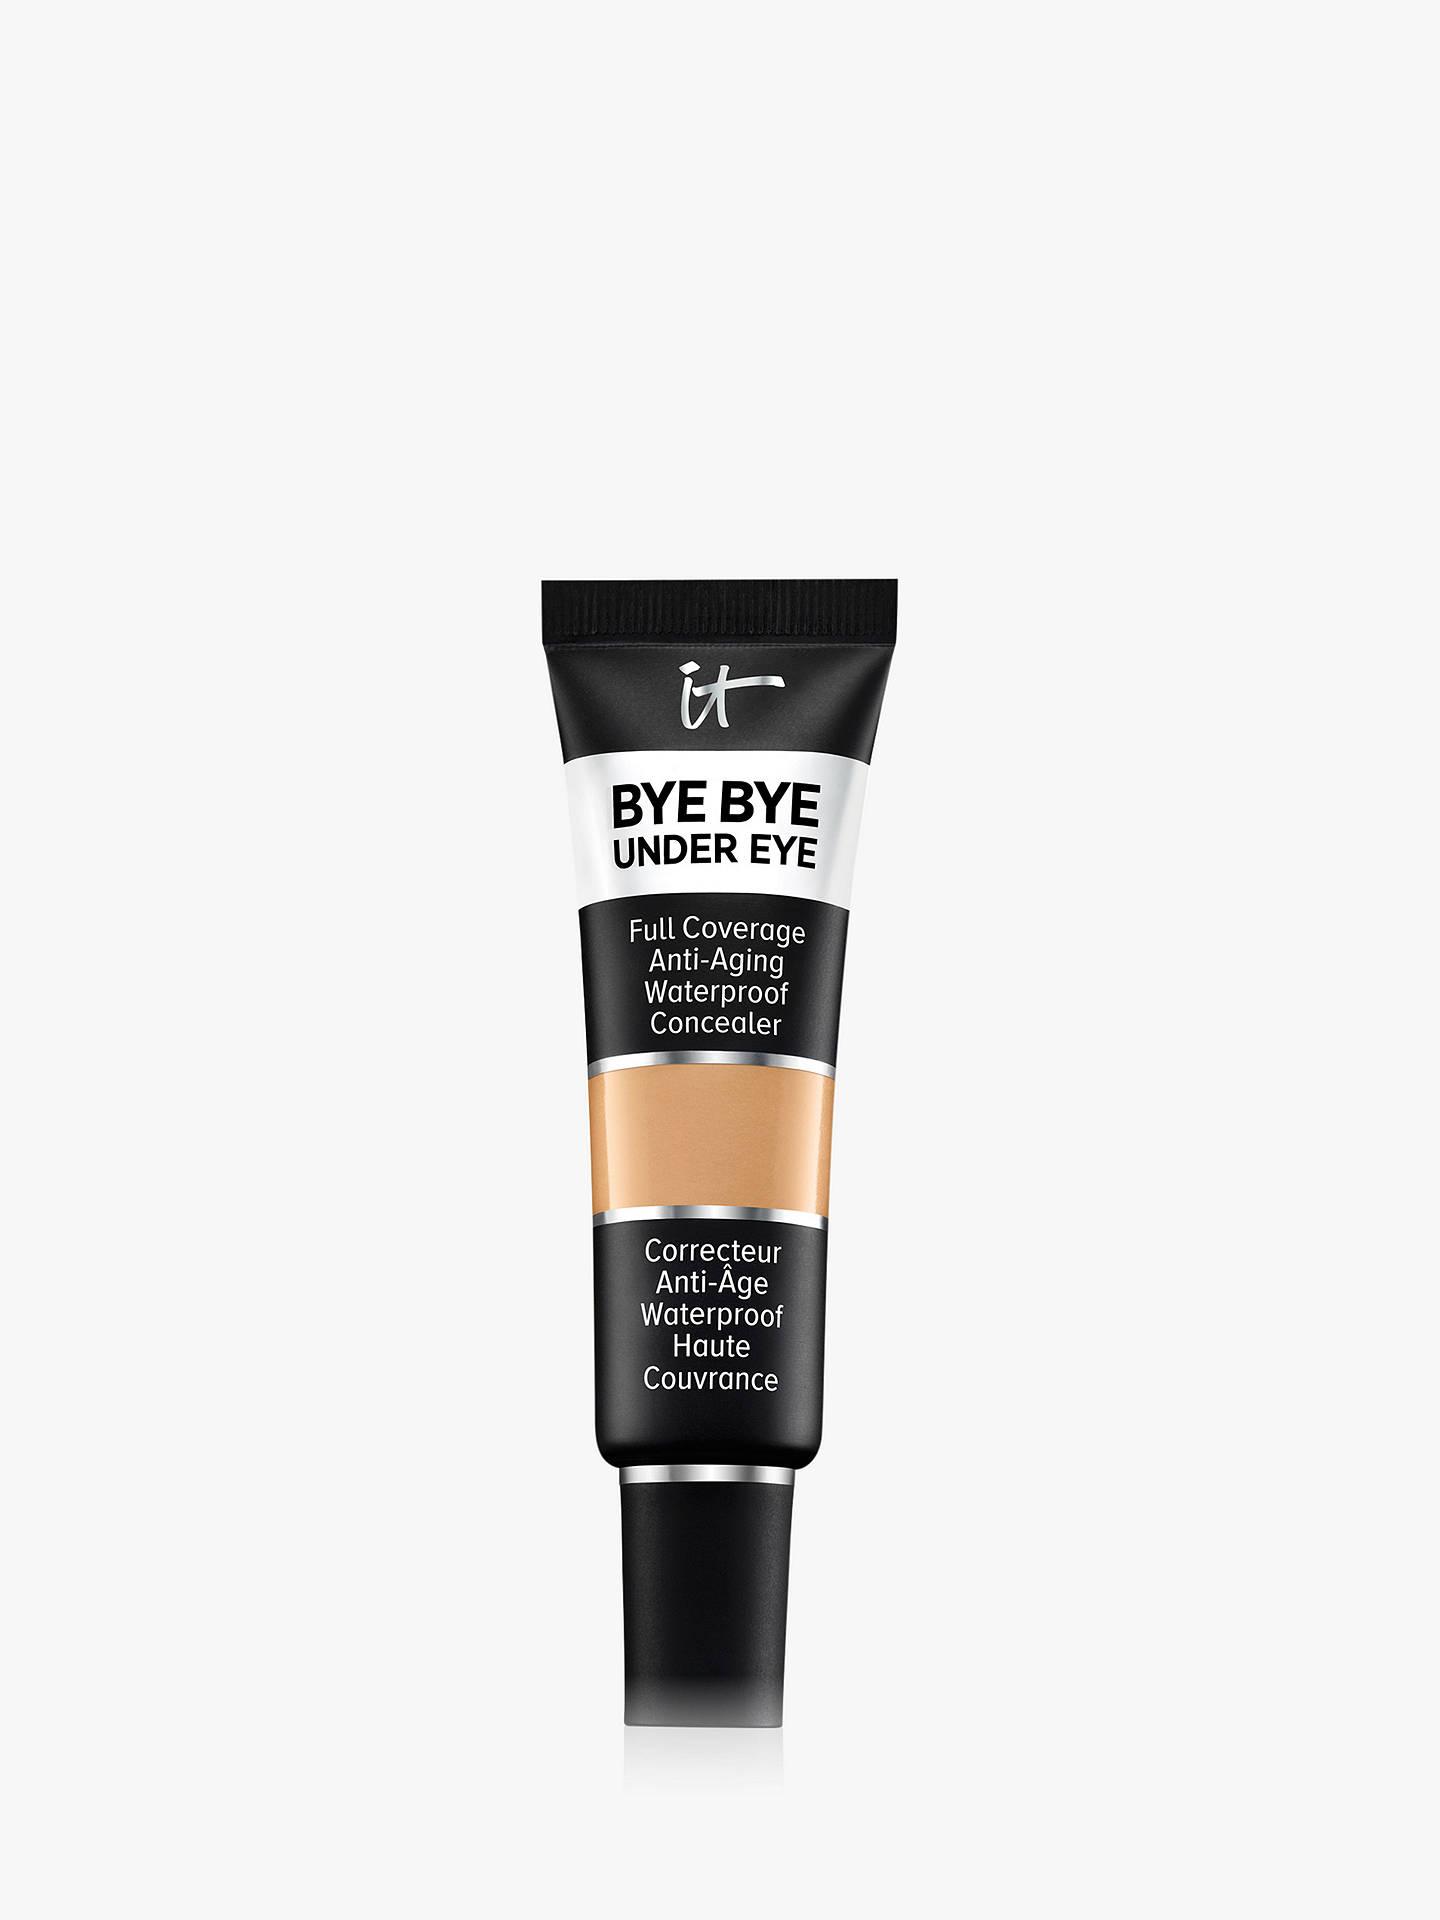 It Cosmetics Bye Bye Under Eye Full Coverage WP Concealer